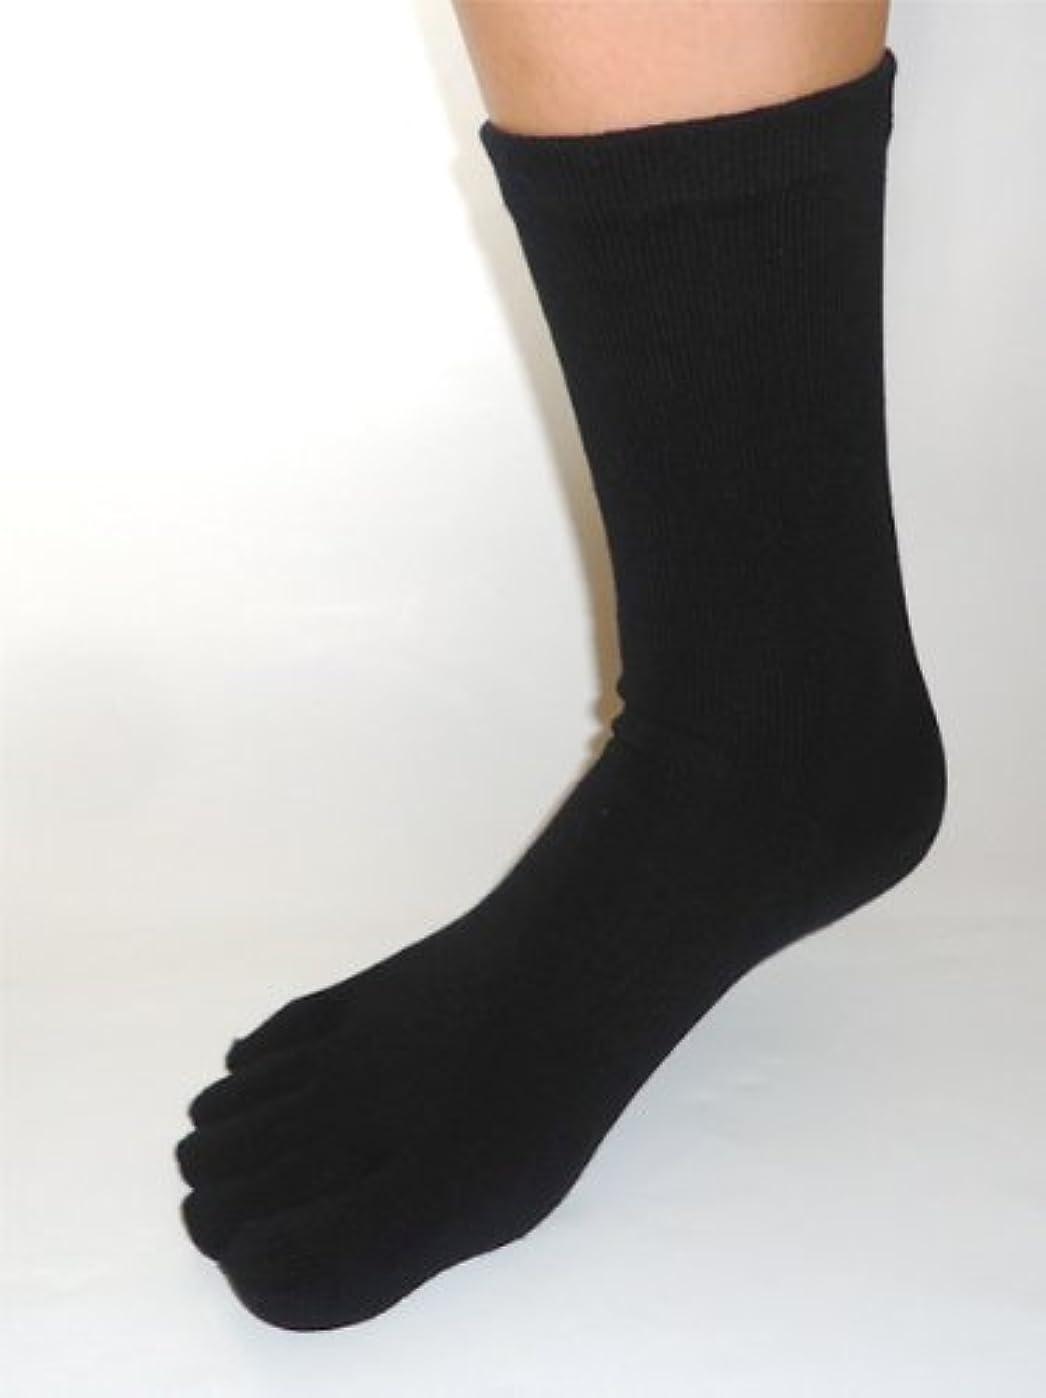 マウントバンク守銭奴以降日本製 紳士5本指靴下 こだわりシルク 24~26cm お買得3色3足組